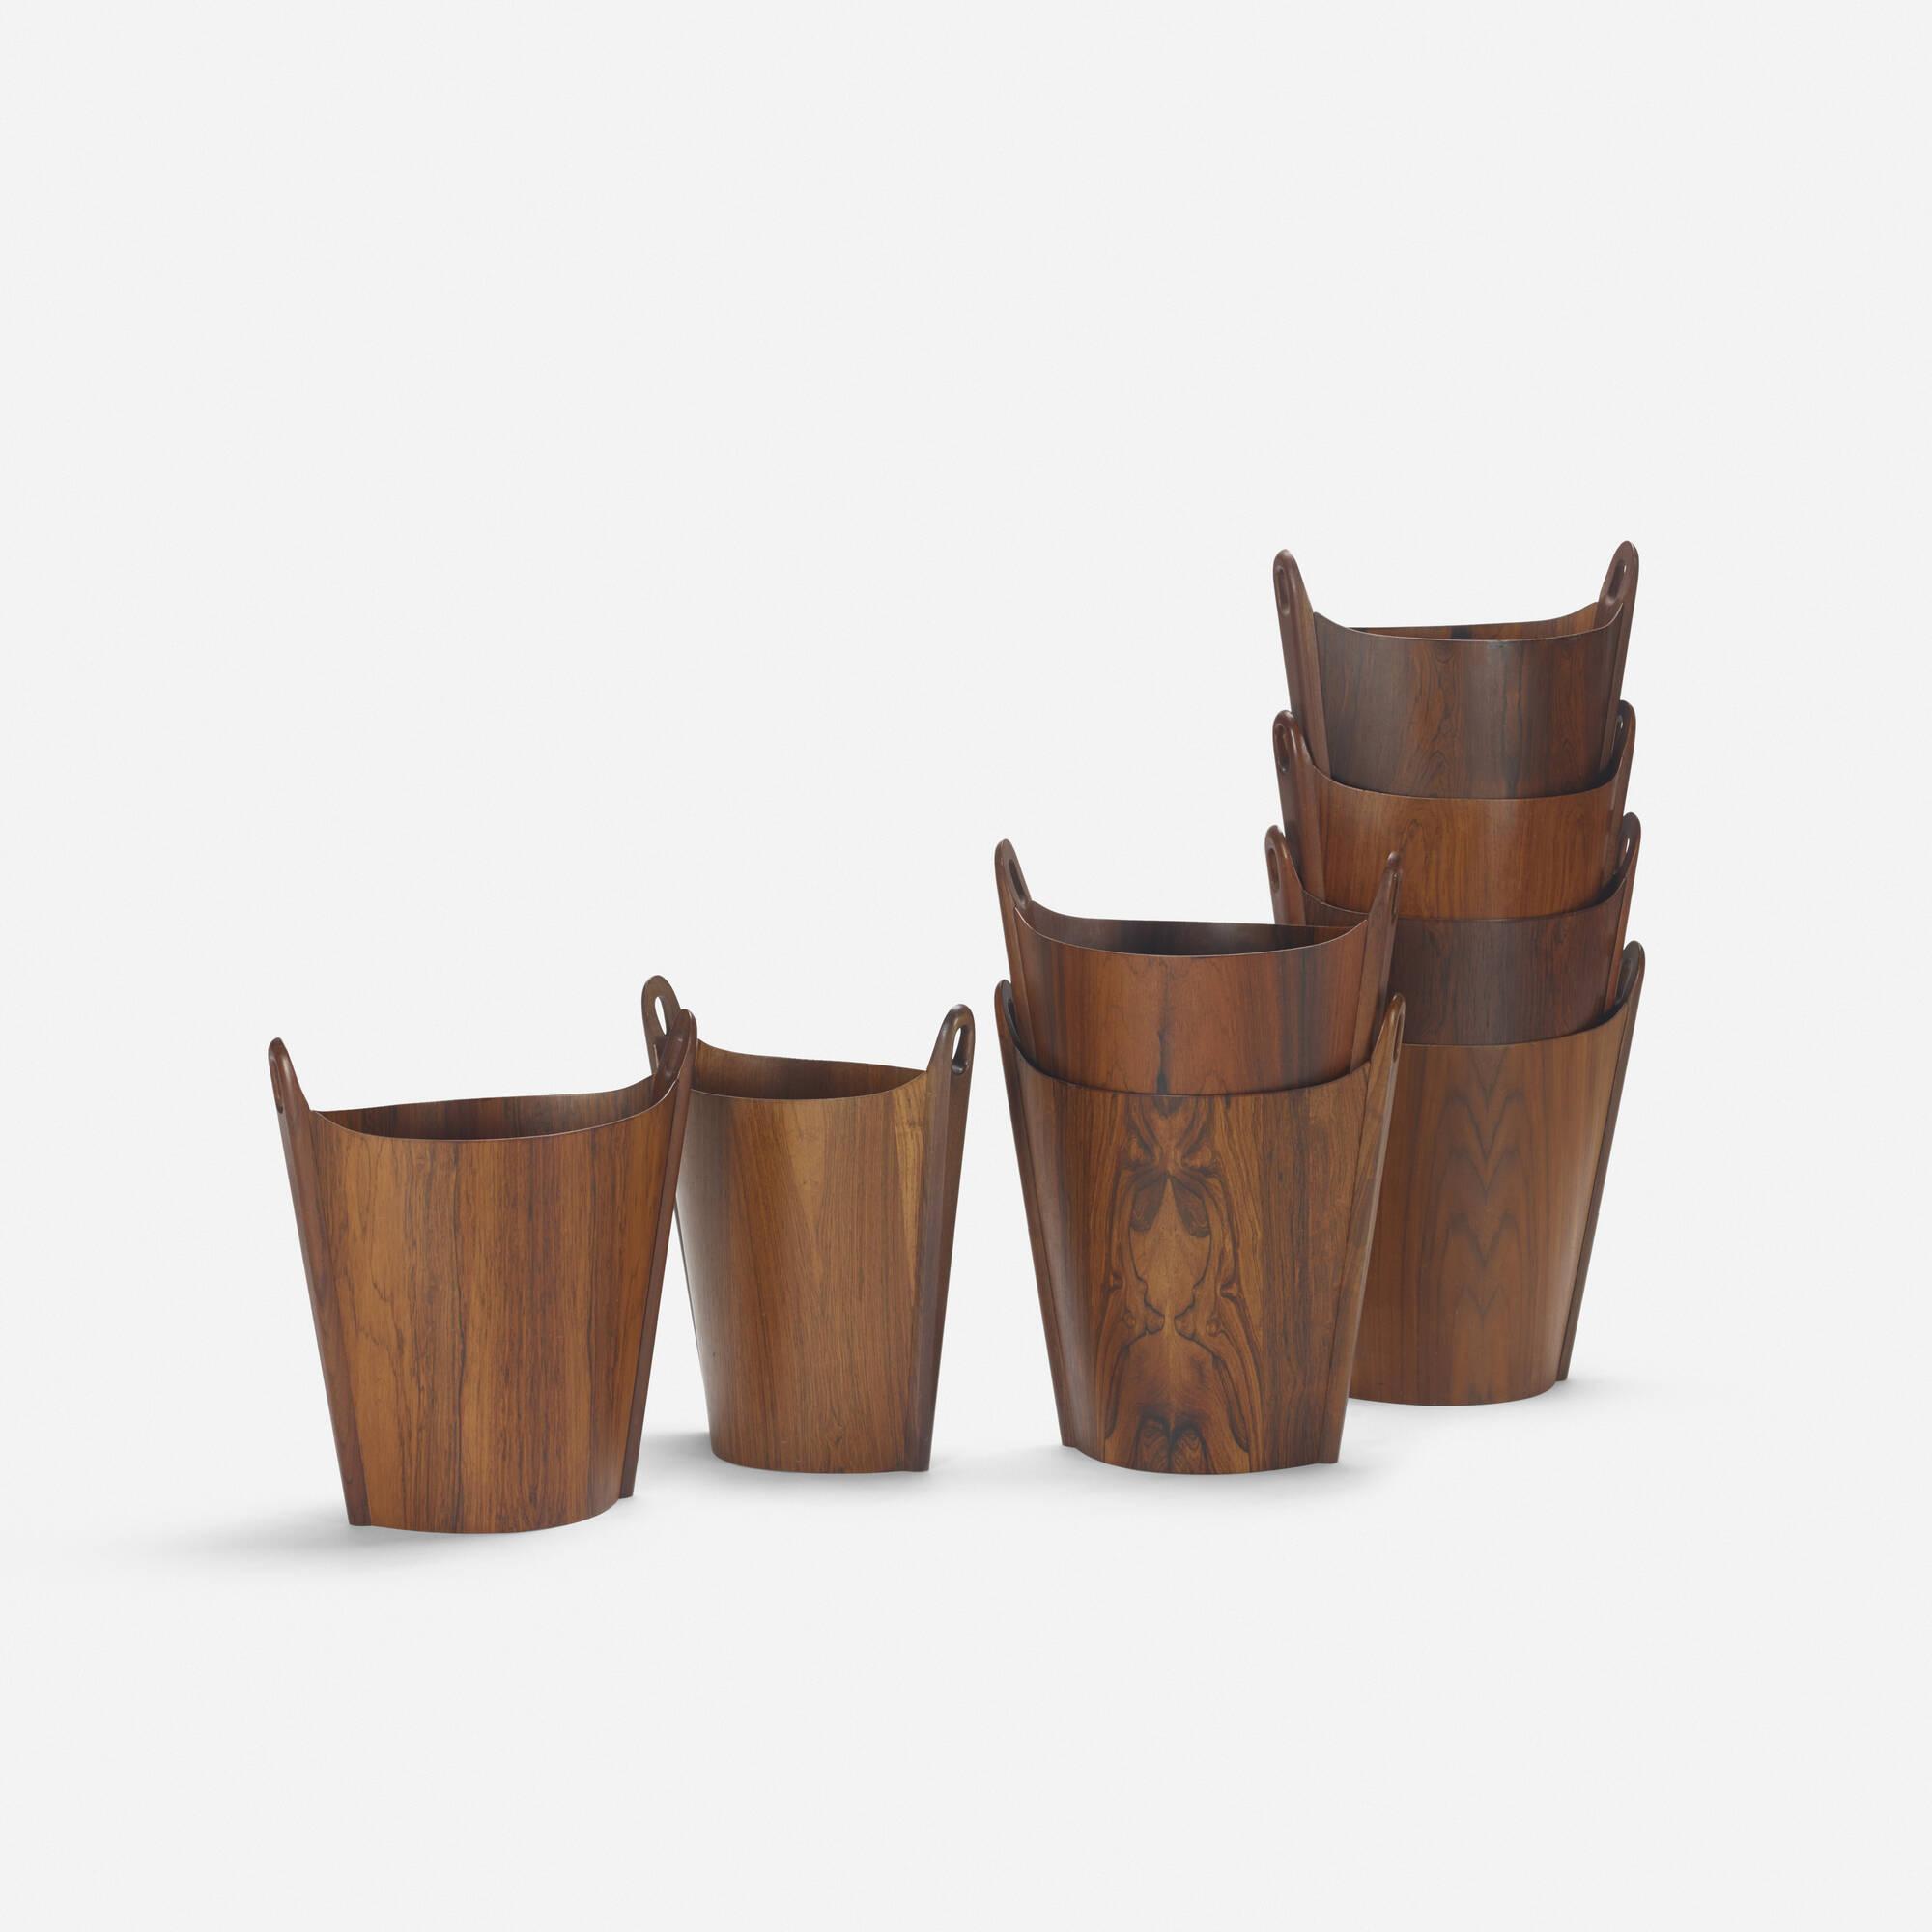 345: P.S. Heggen / wastepaper baskets, set of eight (1 of 2)